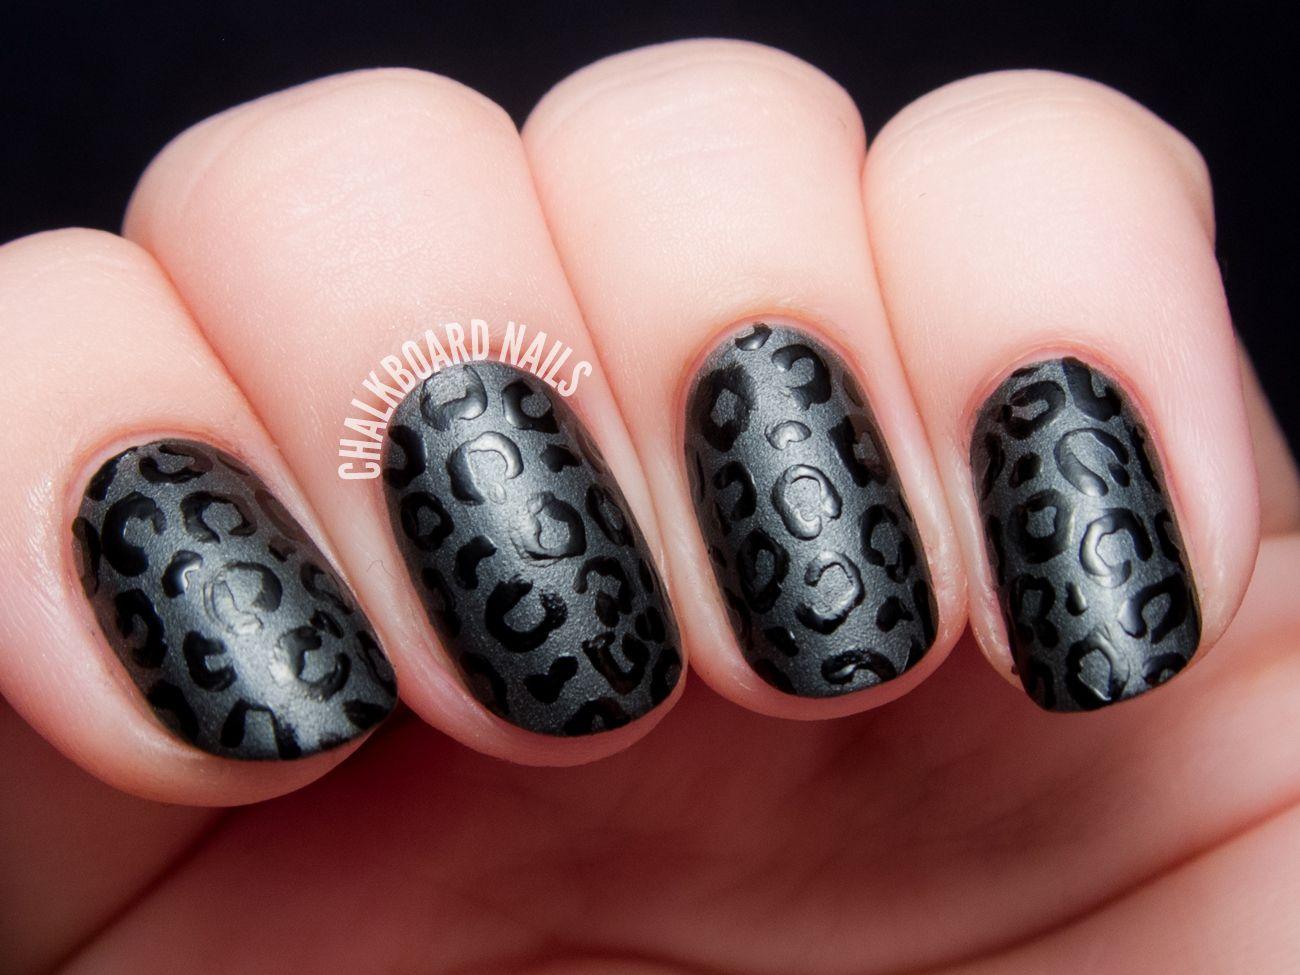 13 Cool Matte Nail Design Ideas - Unique Matte Nail Polish Art